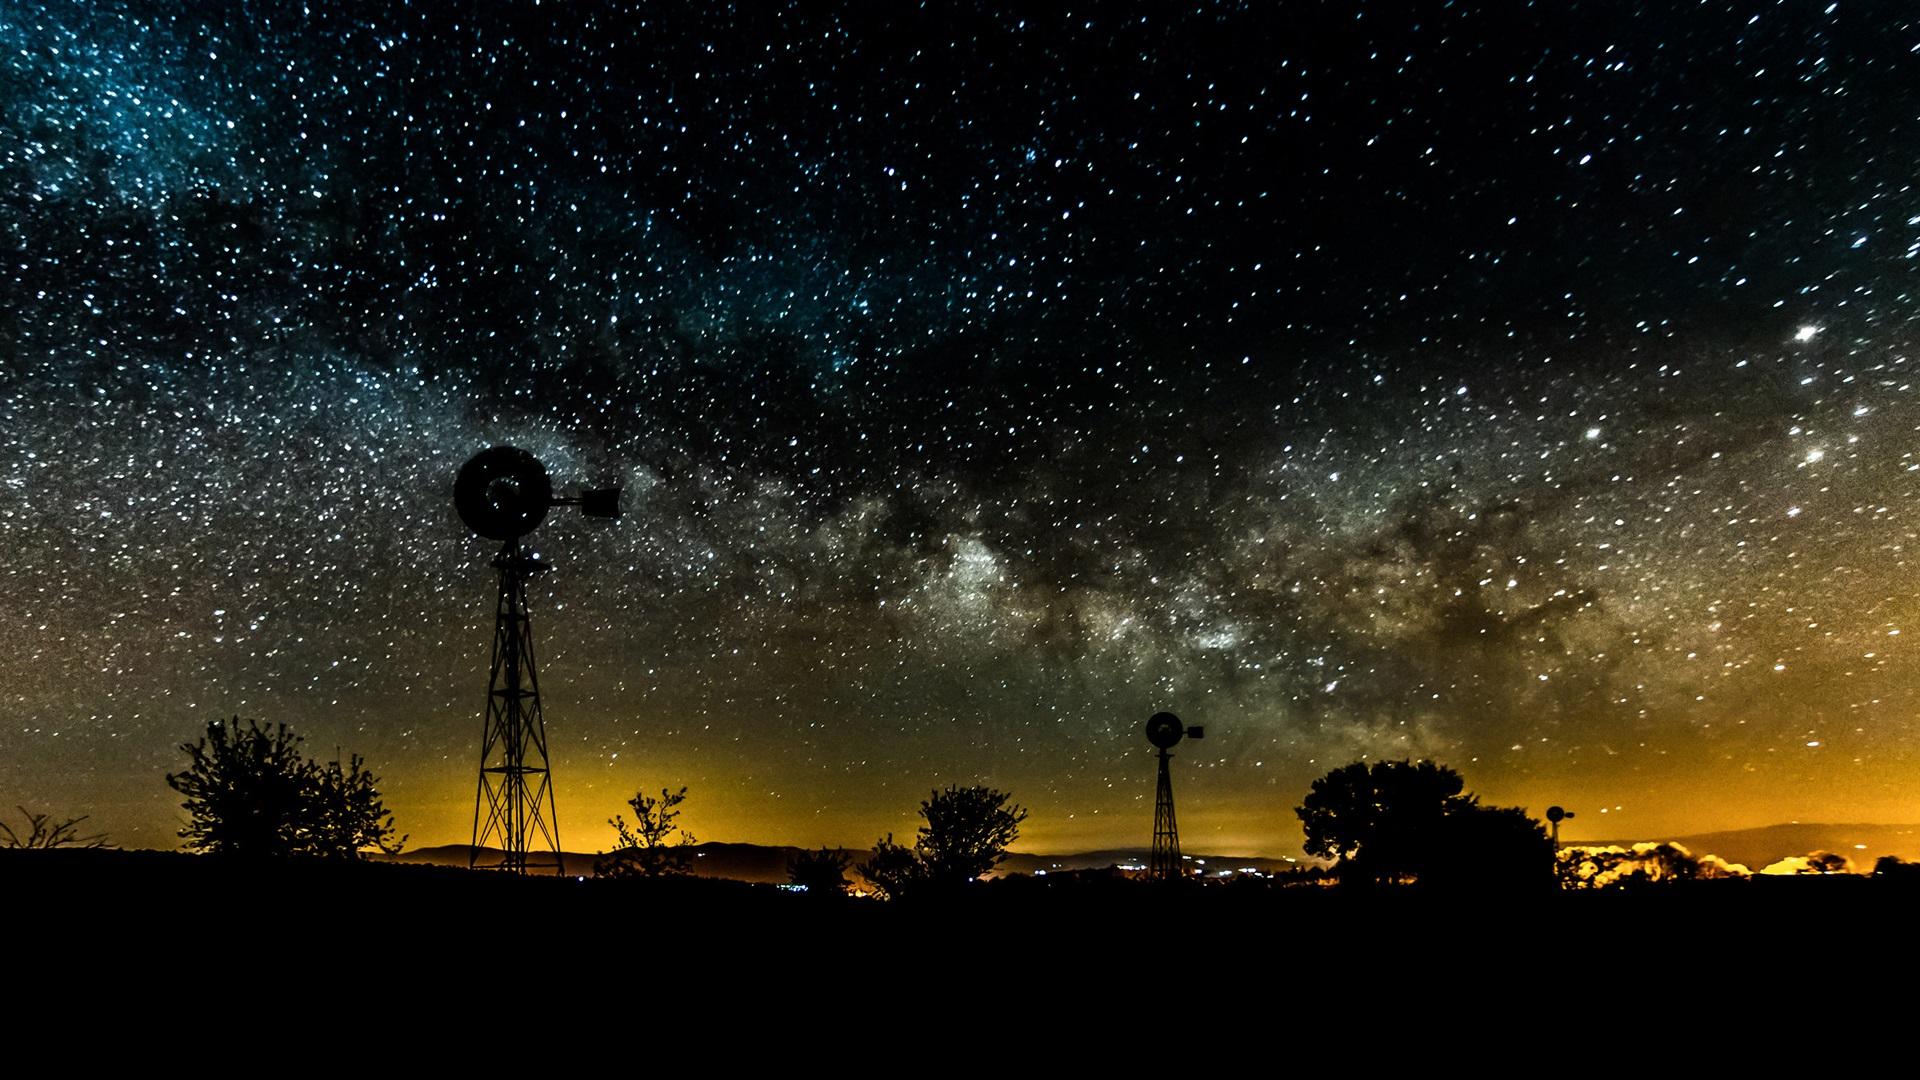 Fondos De Pantalla Noche, Cielo, Estrellas, Estrellado